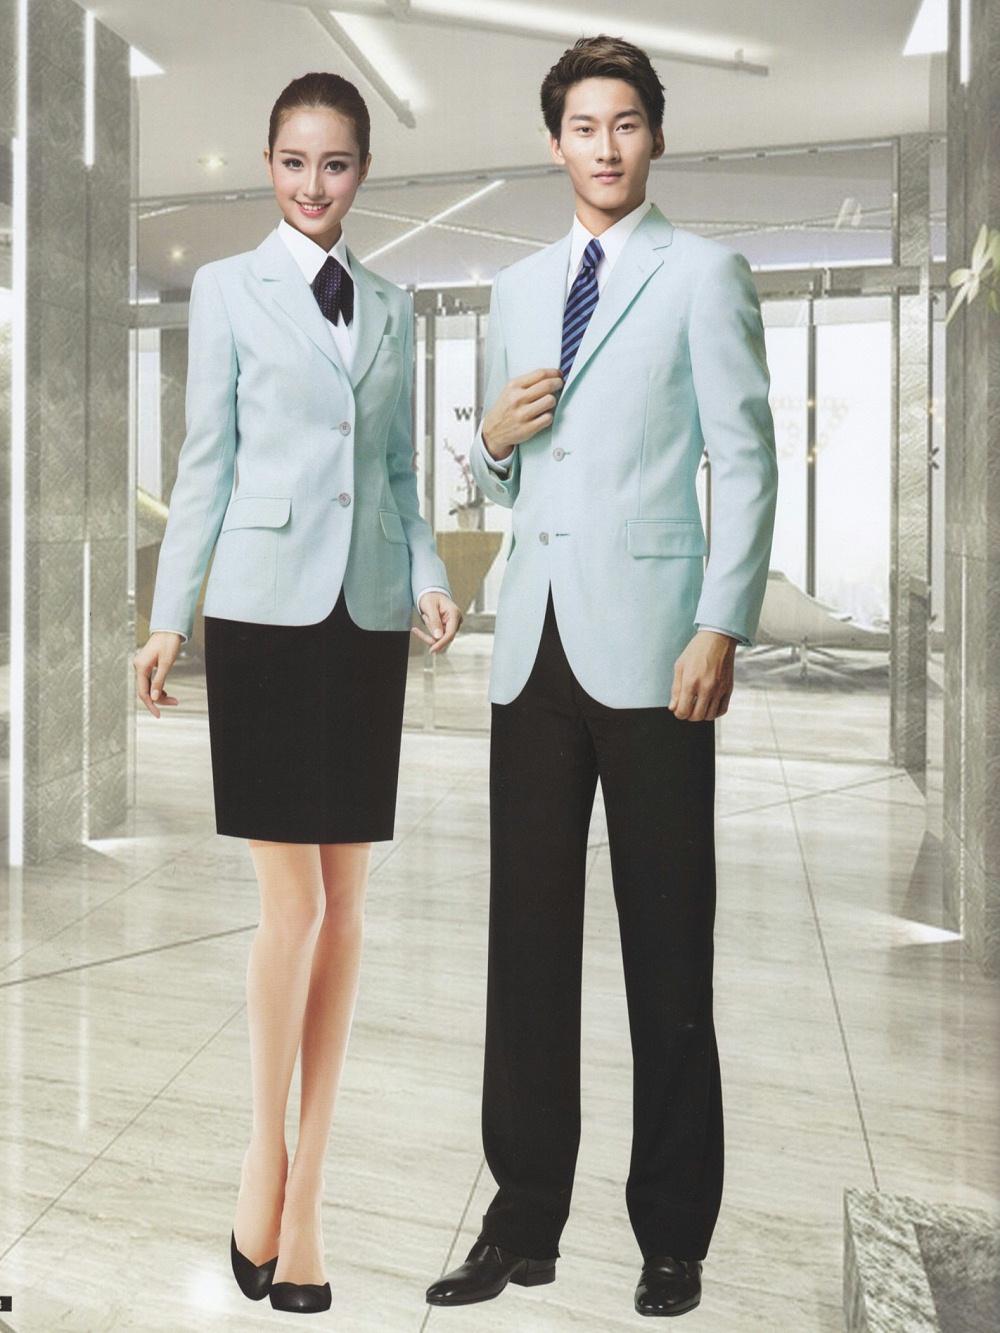 职业高级领班经理秘书西服套装制服